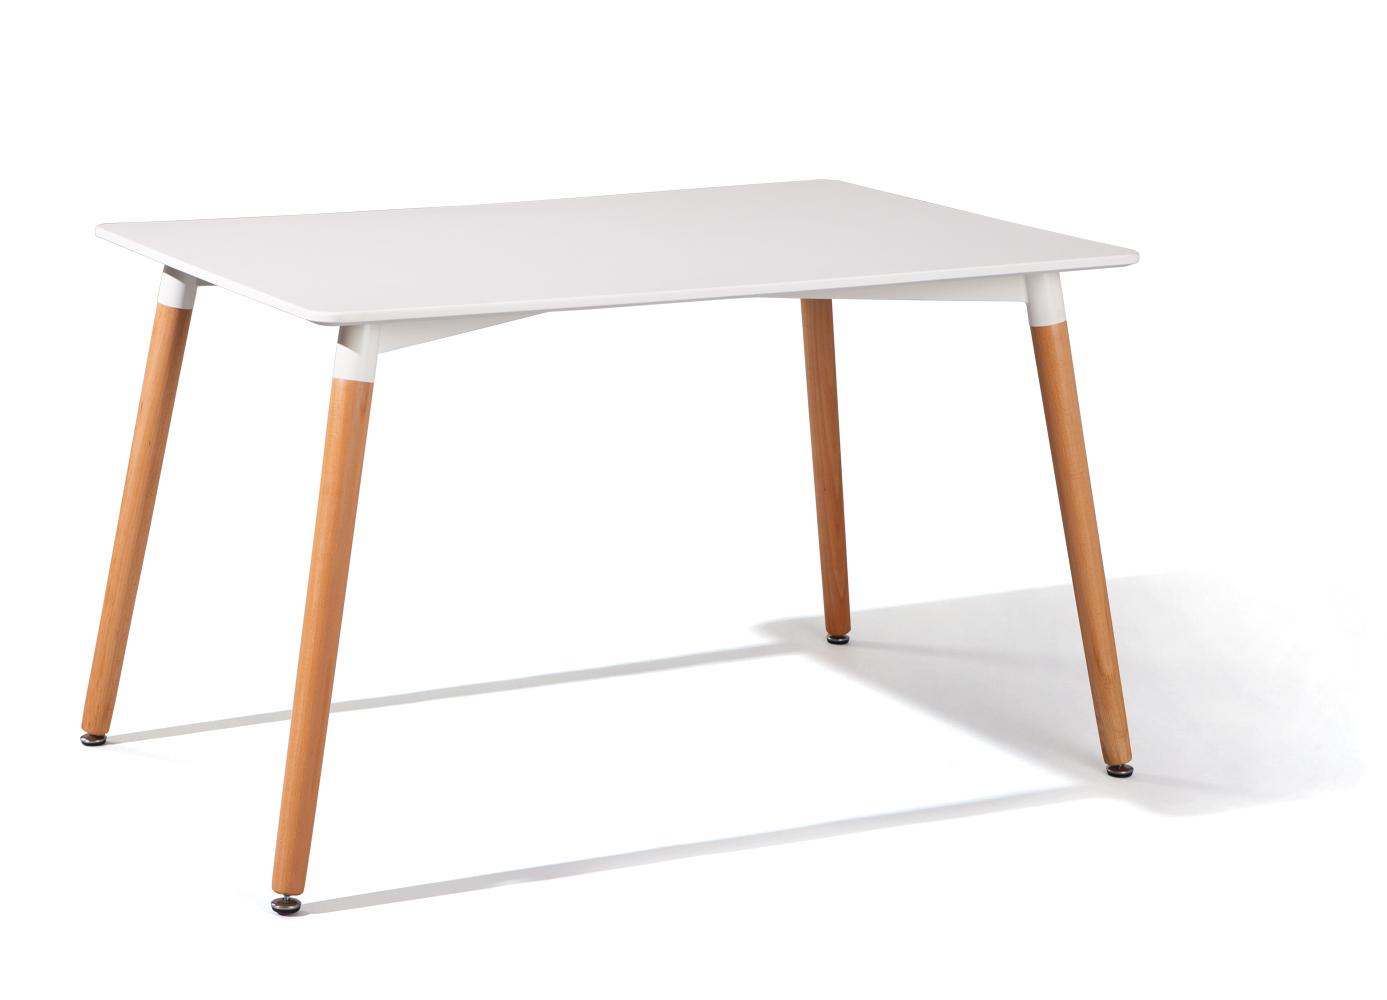 Tavolo da pranzo moderno blanc tavolo bianco e legno per - Tavolo cucina moderno ...